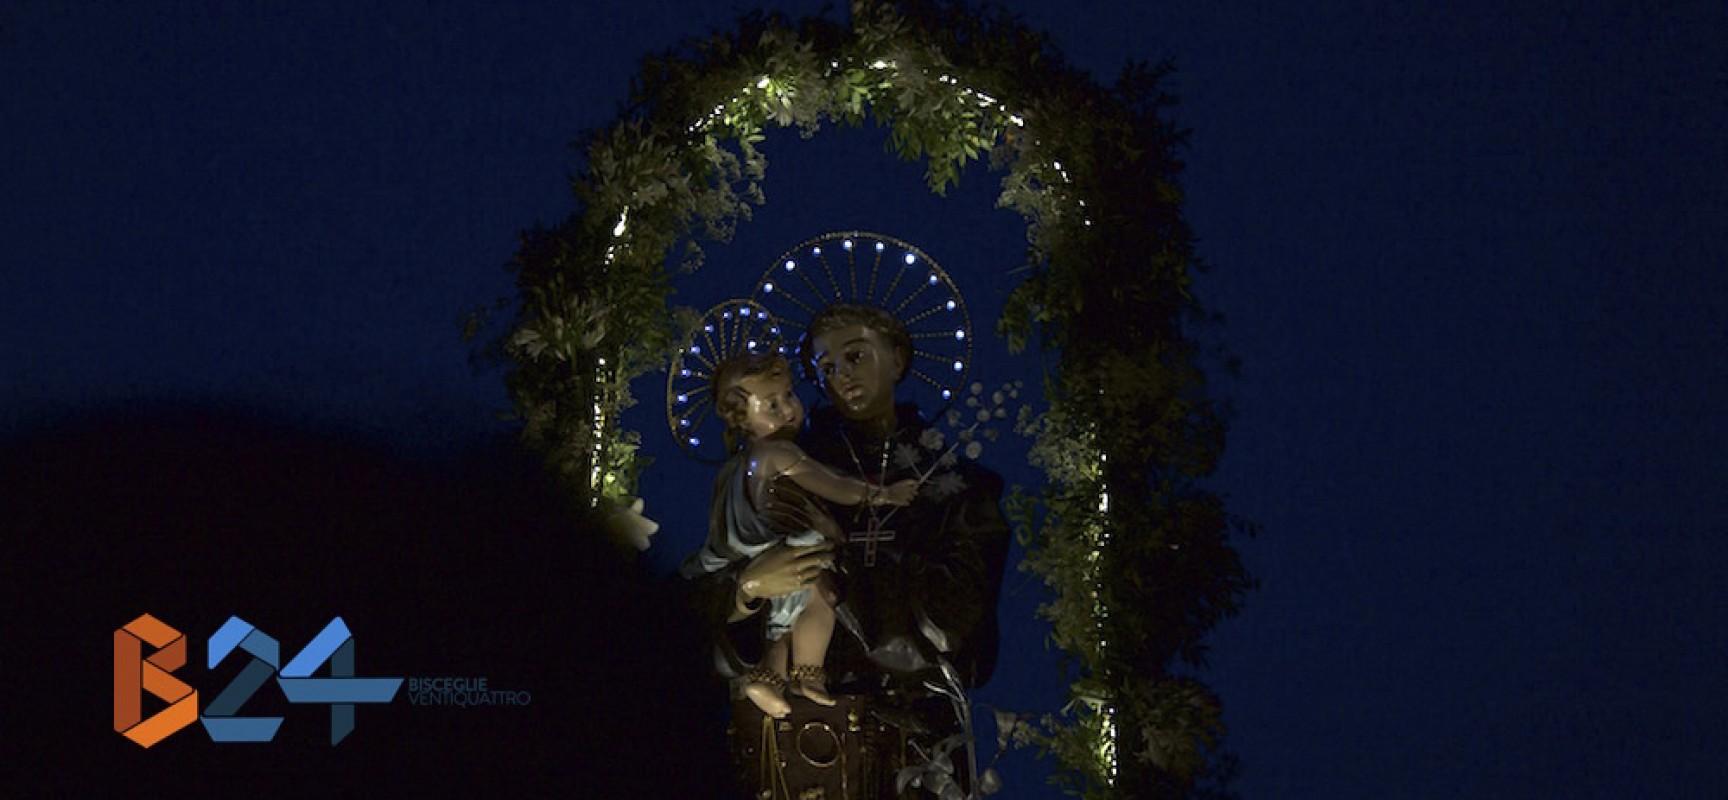 Bisceglie rinsalda il proprio legame col mare onorando Sant'Antonio / FOTO